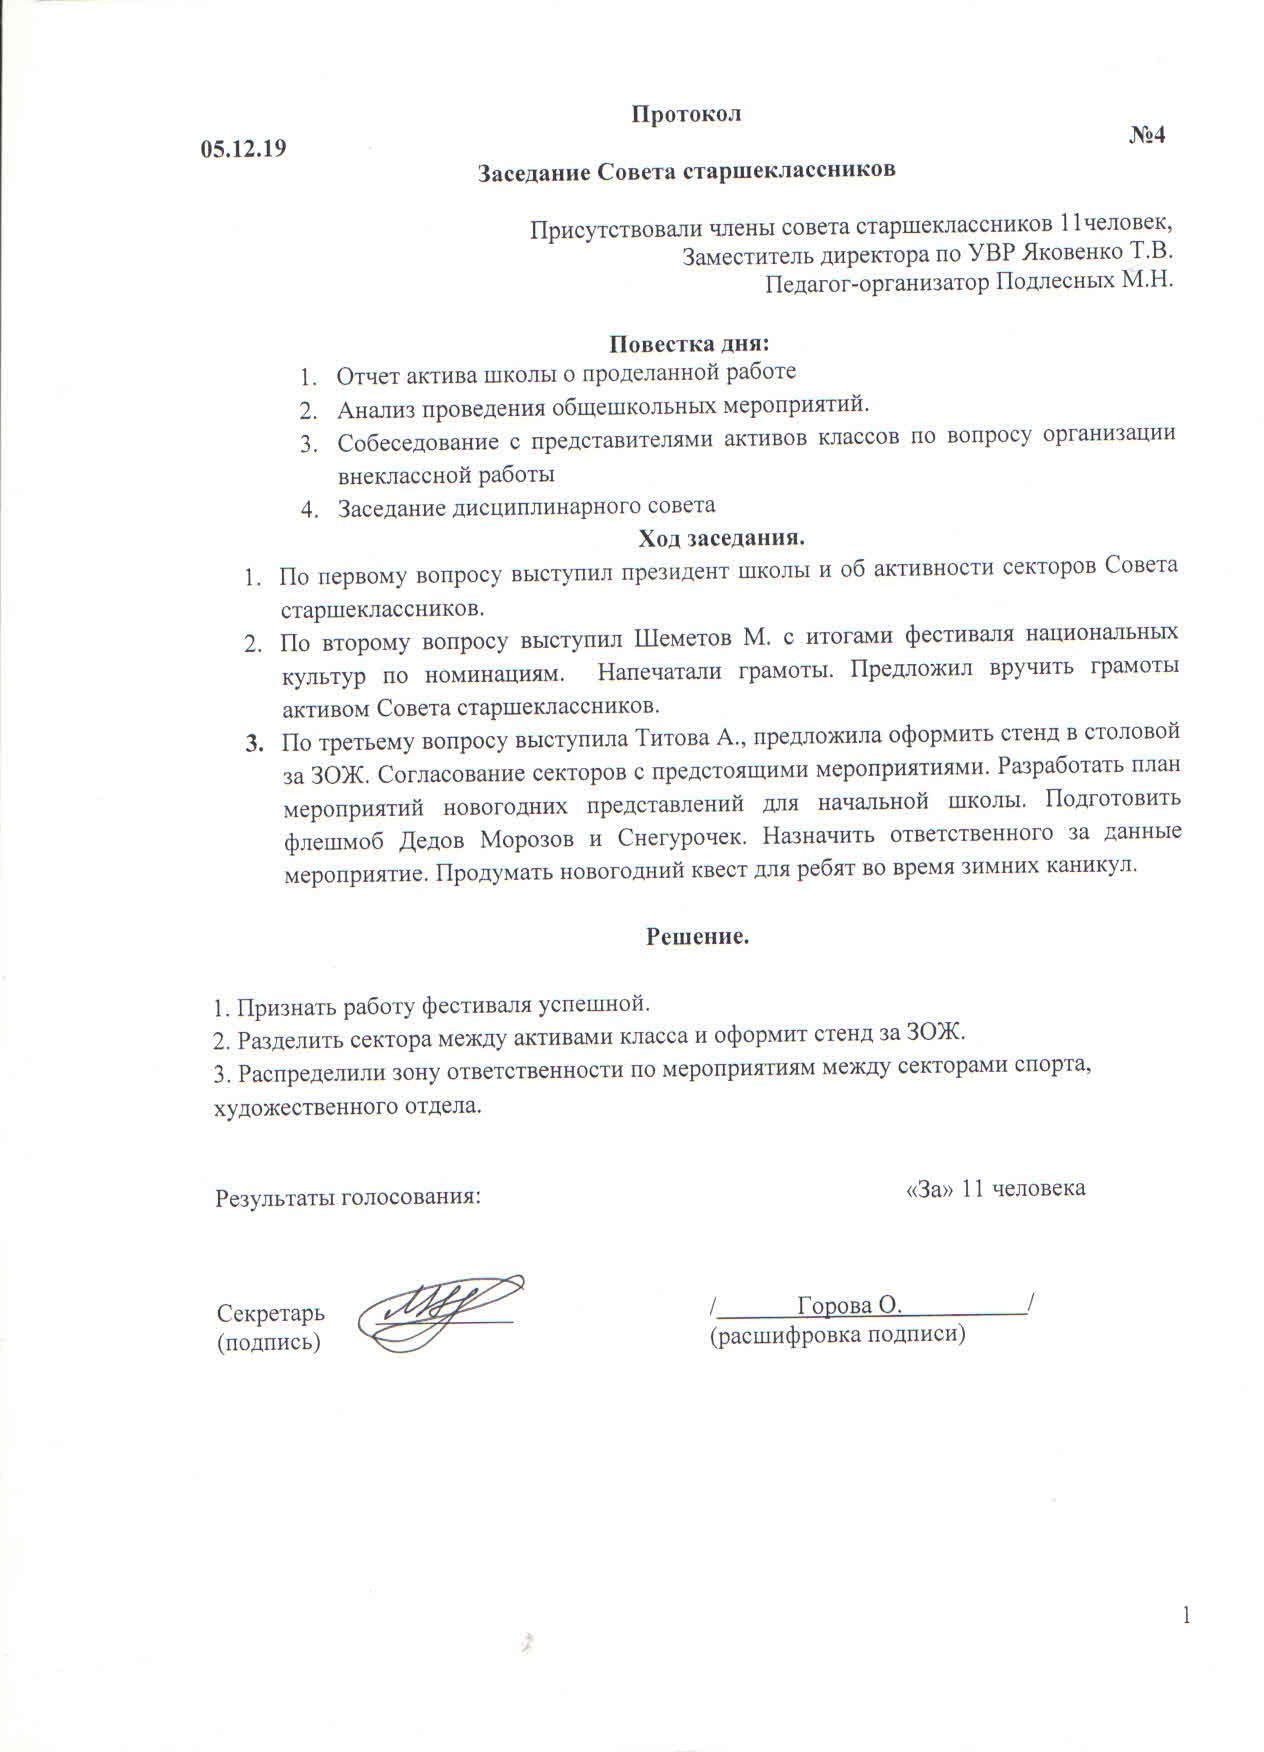 Протокол заседания Совета старшеклассников № 4